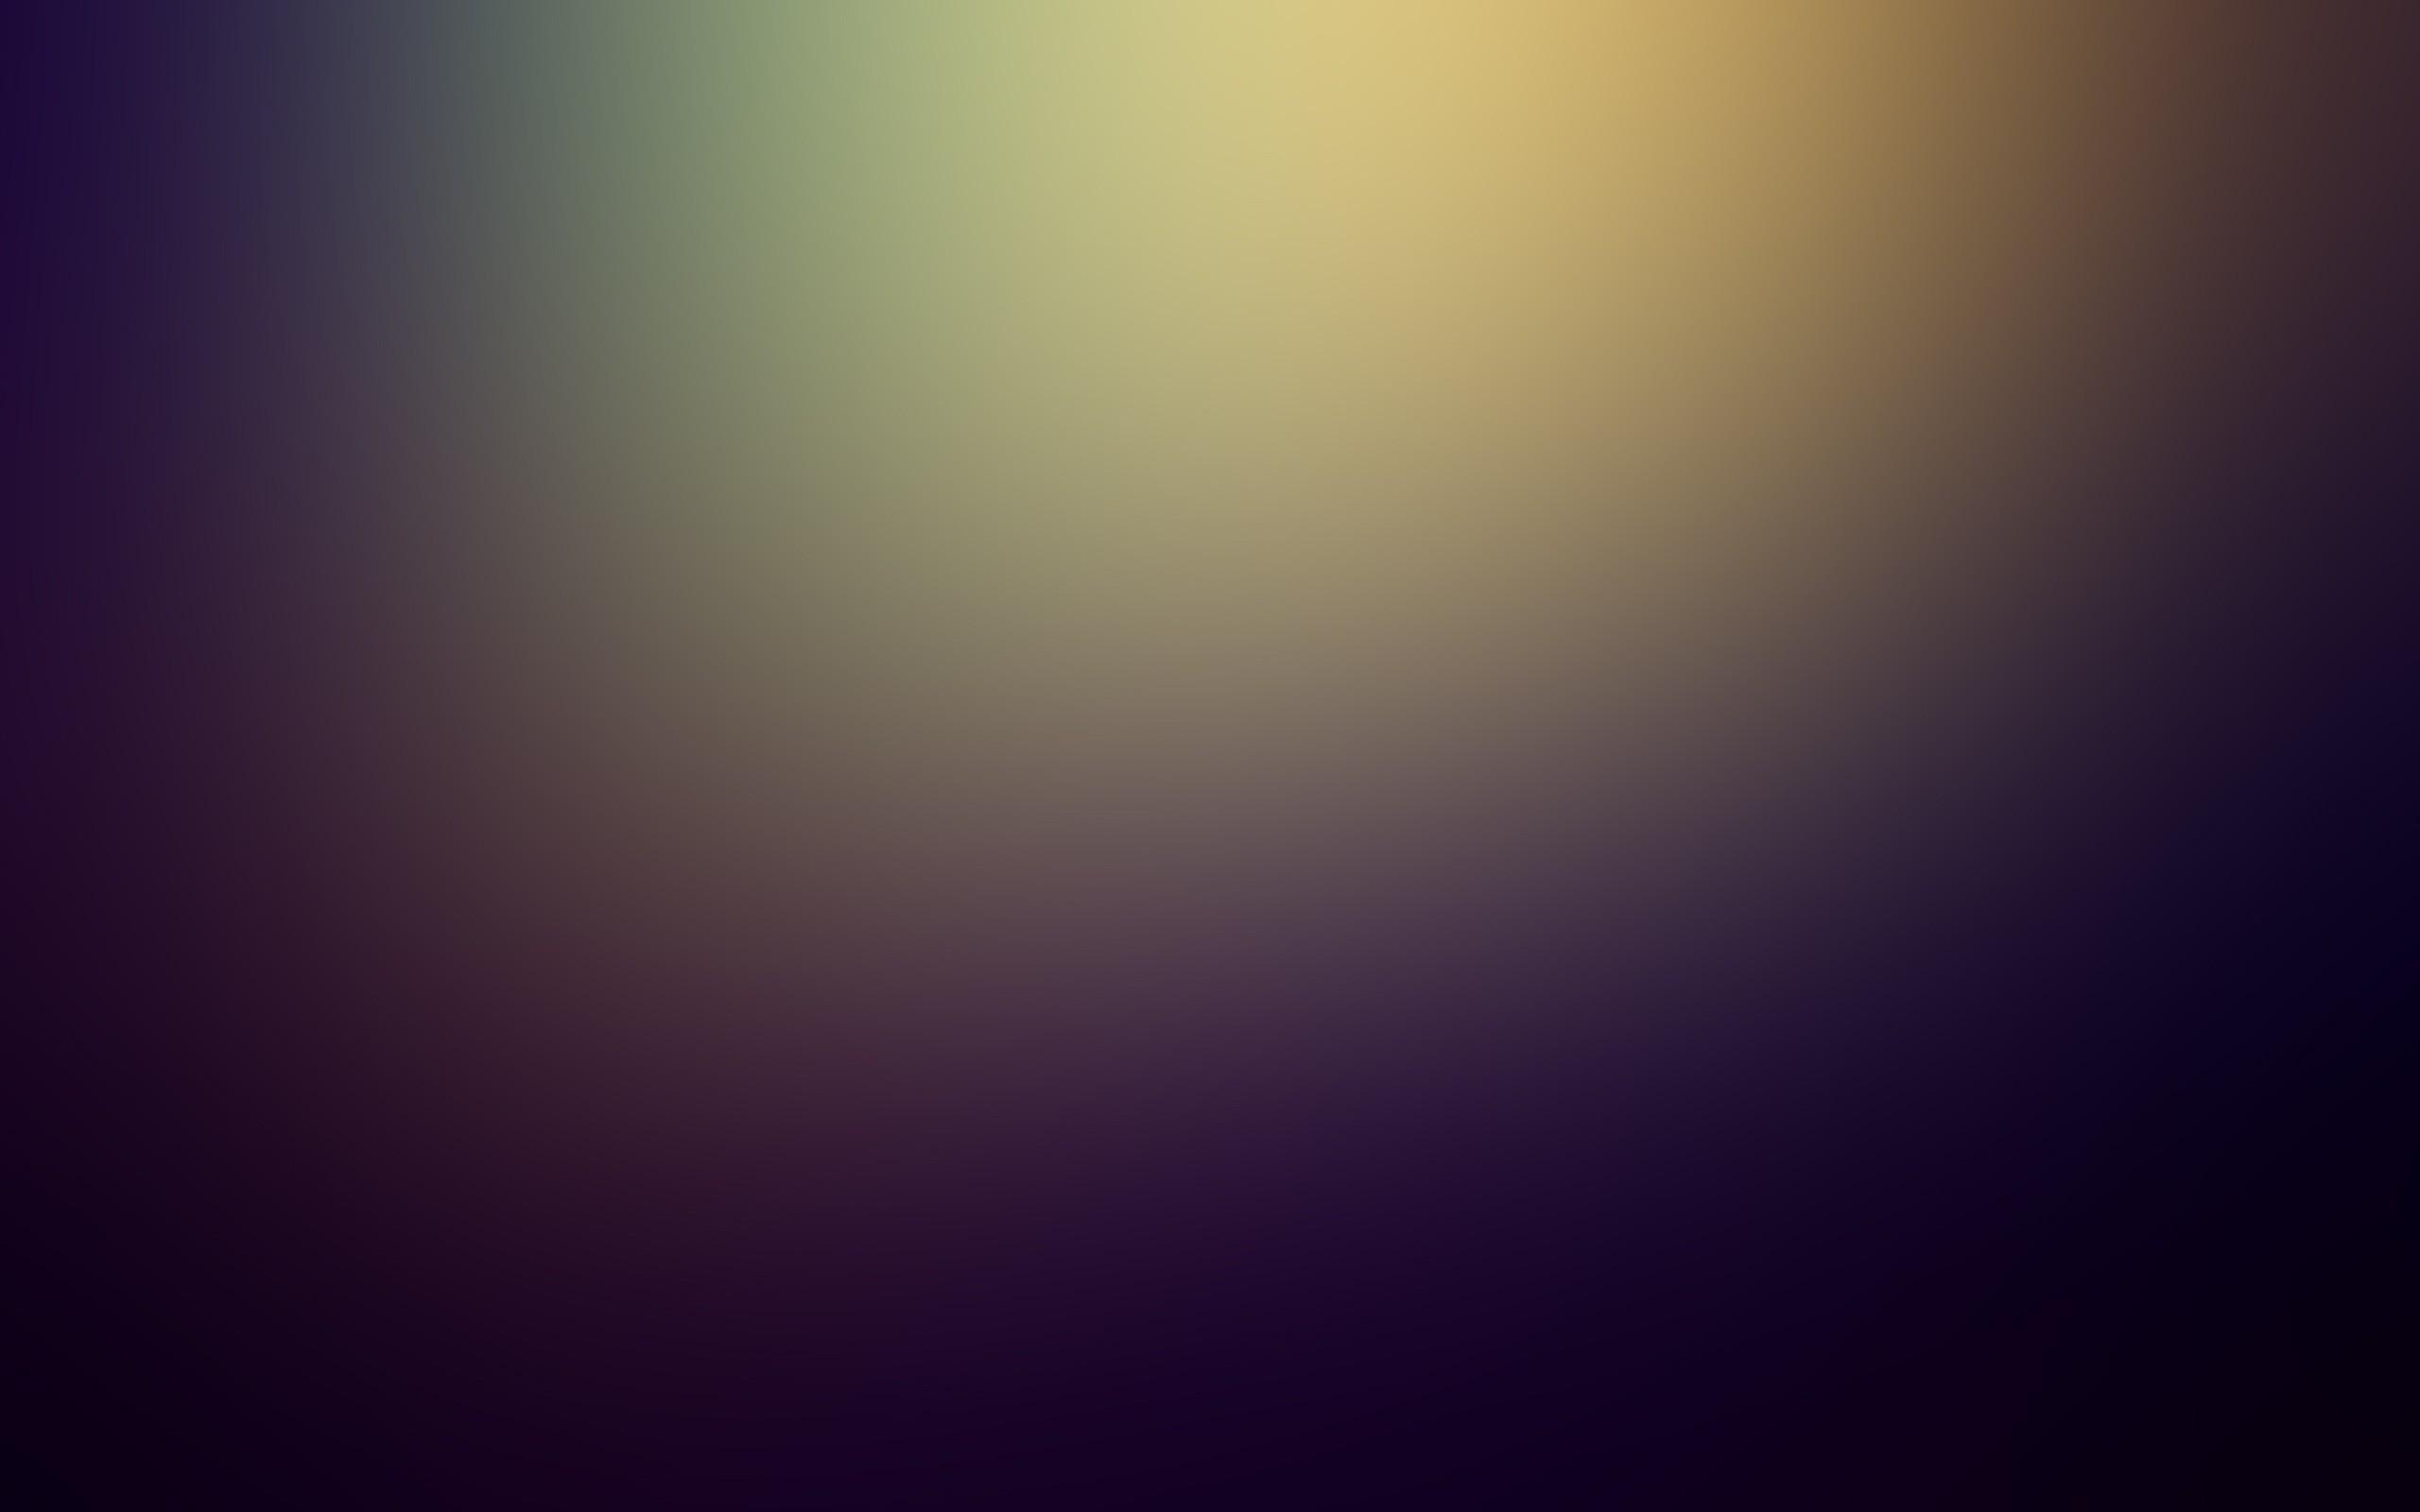 Blurred